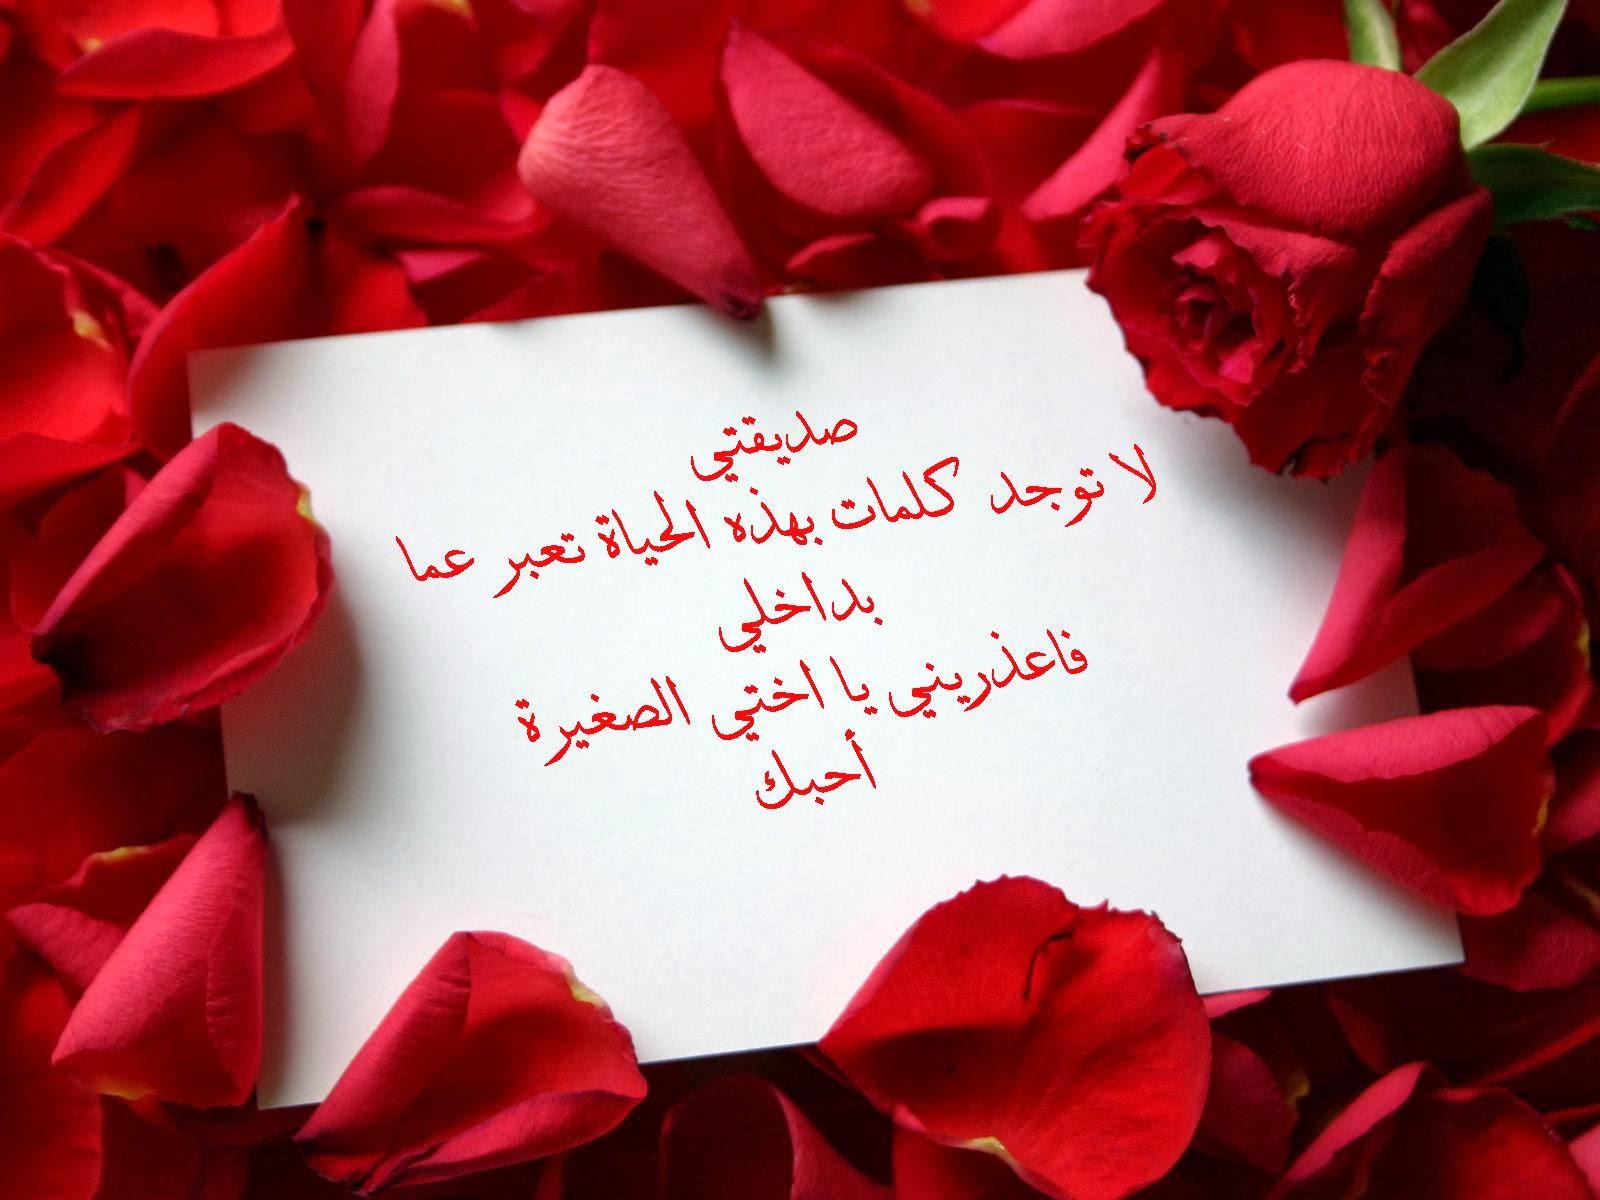 بالصور مقاطع وصور حب , اروع الصور الرومانسيه وحالات الحب 2013 4